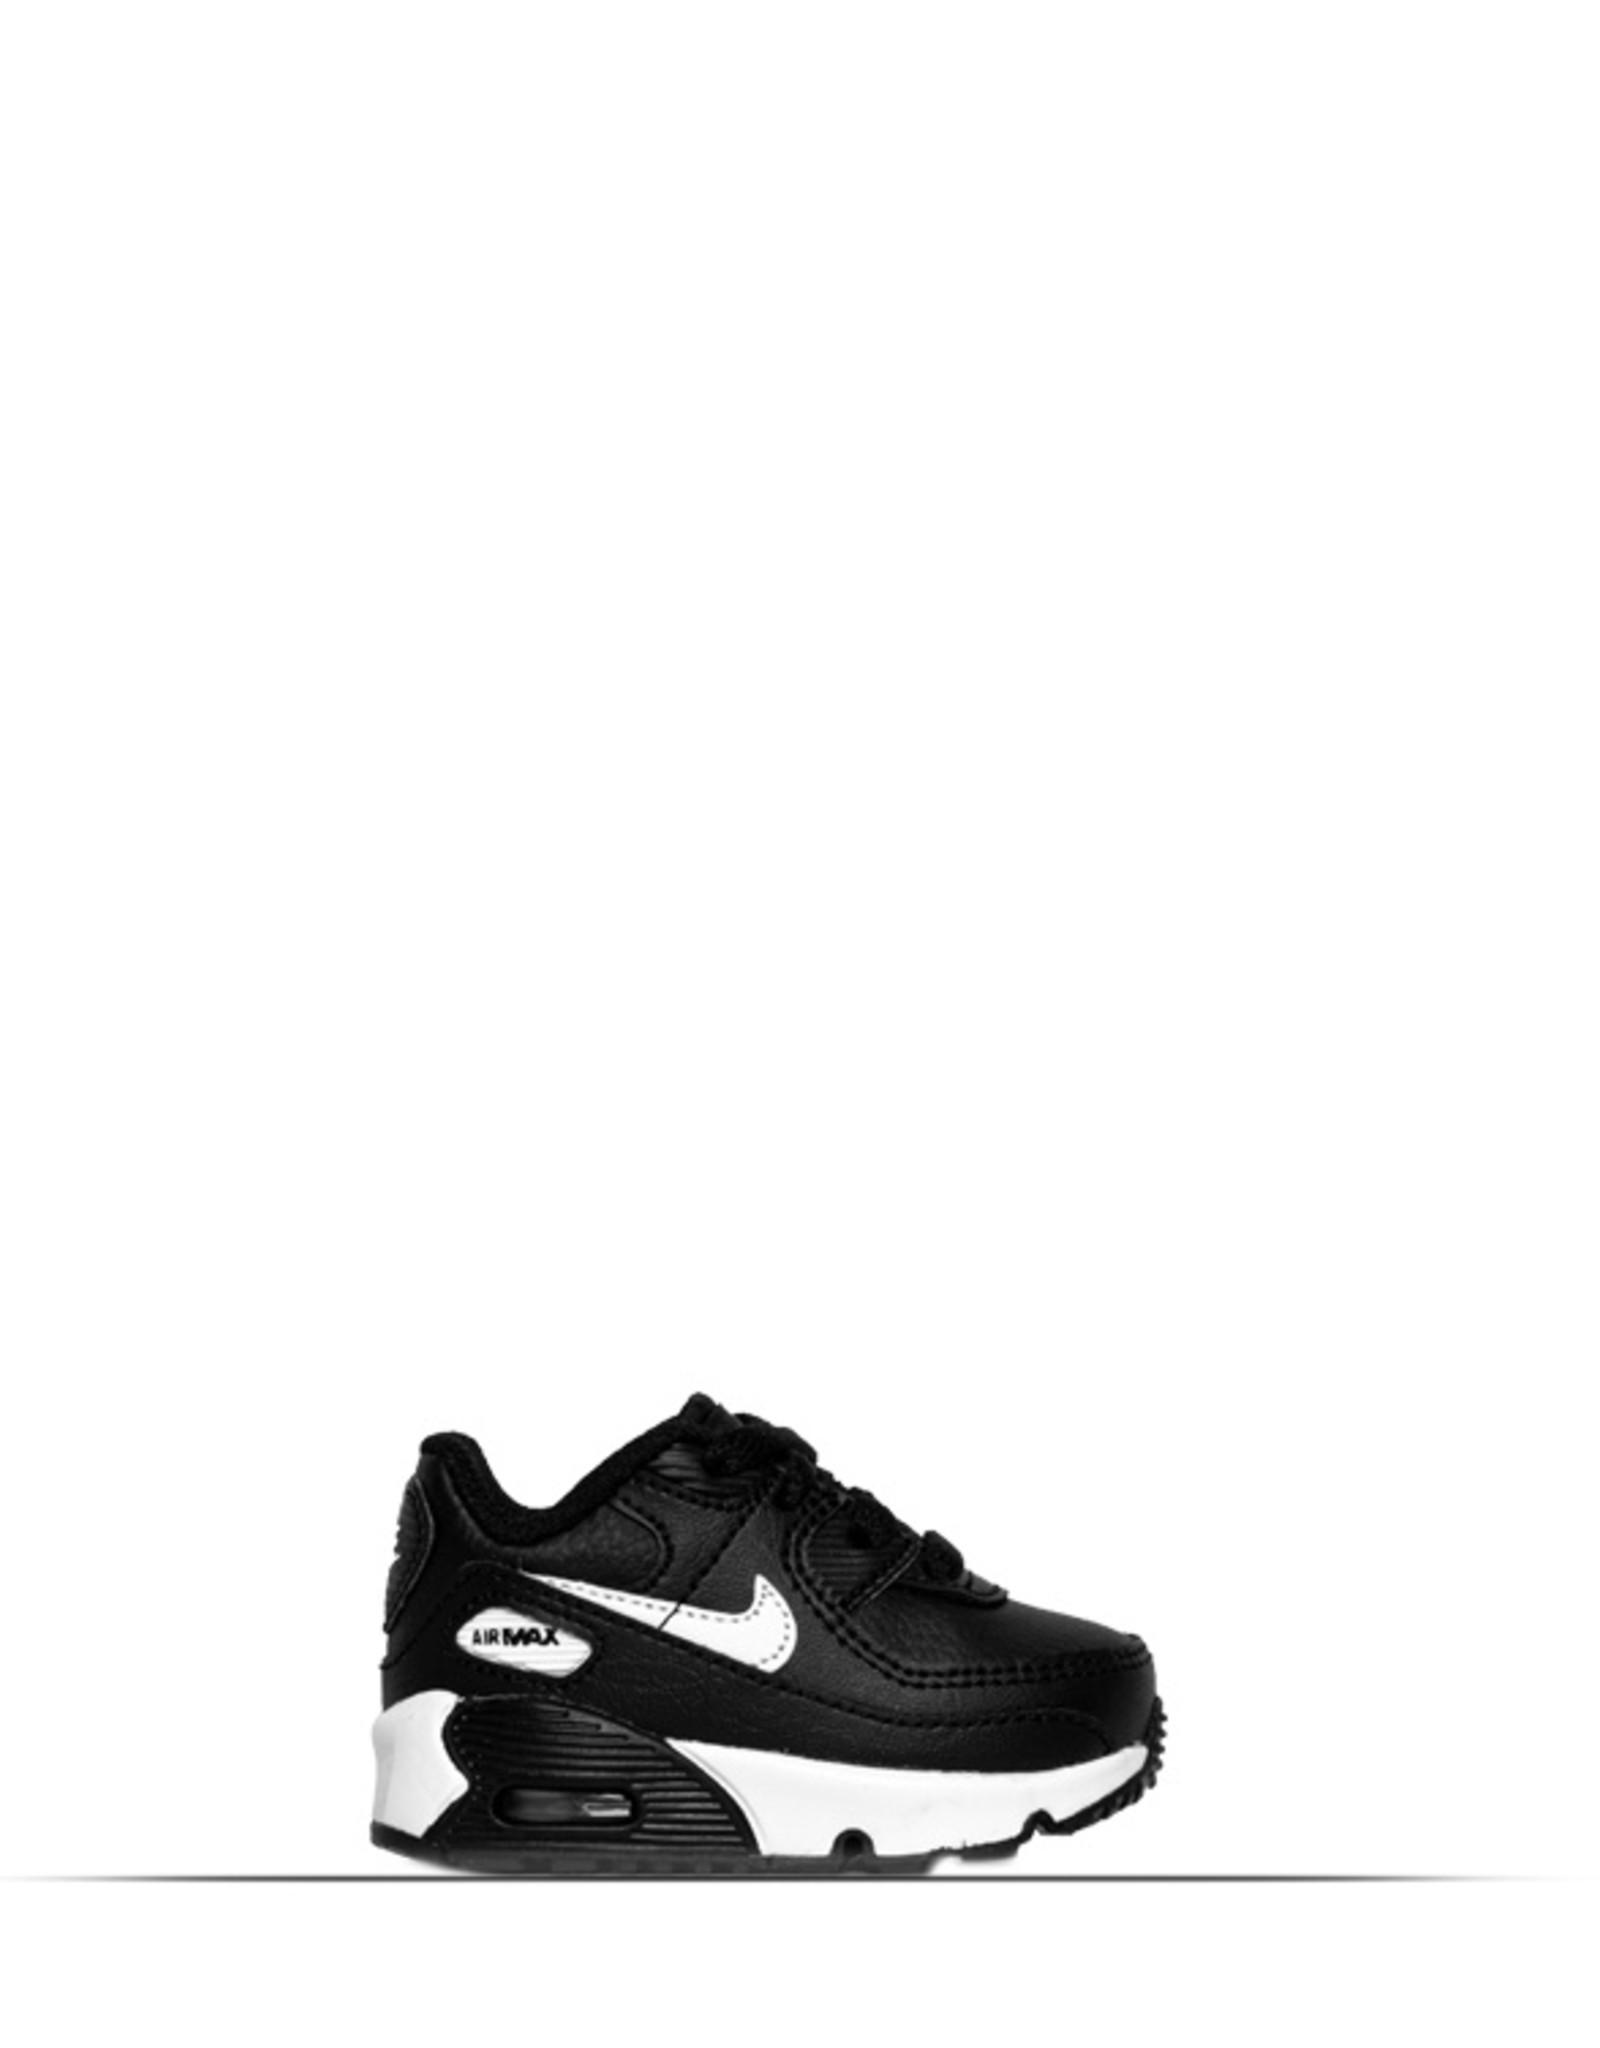 NIKE AIR MAX 90 LTR BLACK WHITE